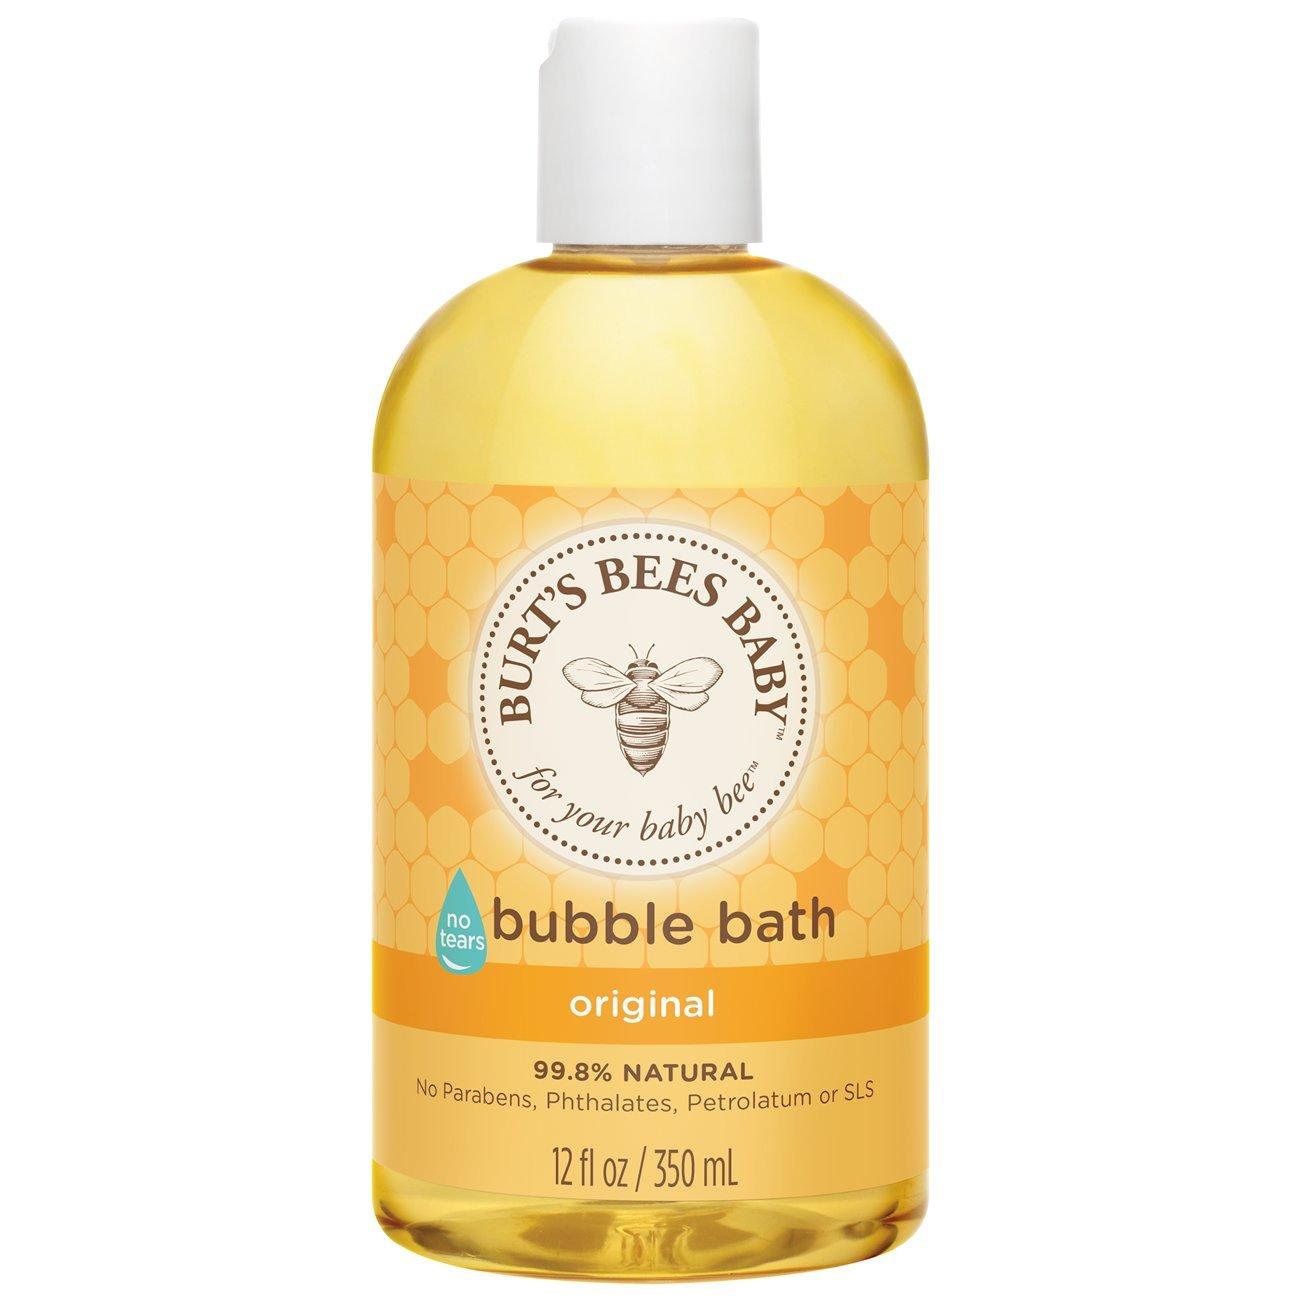 Burts Bees - Baby Bee Bubble Bath Tear Free - 12 oz. CLOROX/BURT' S BEES 9285033699